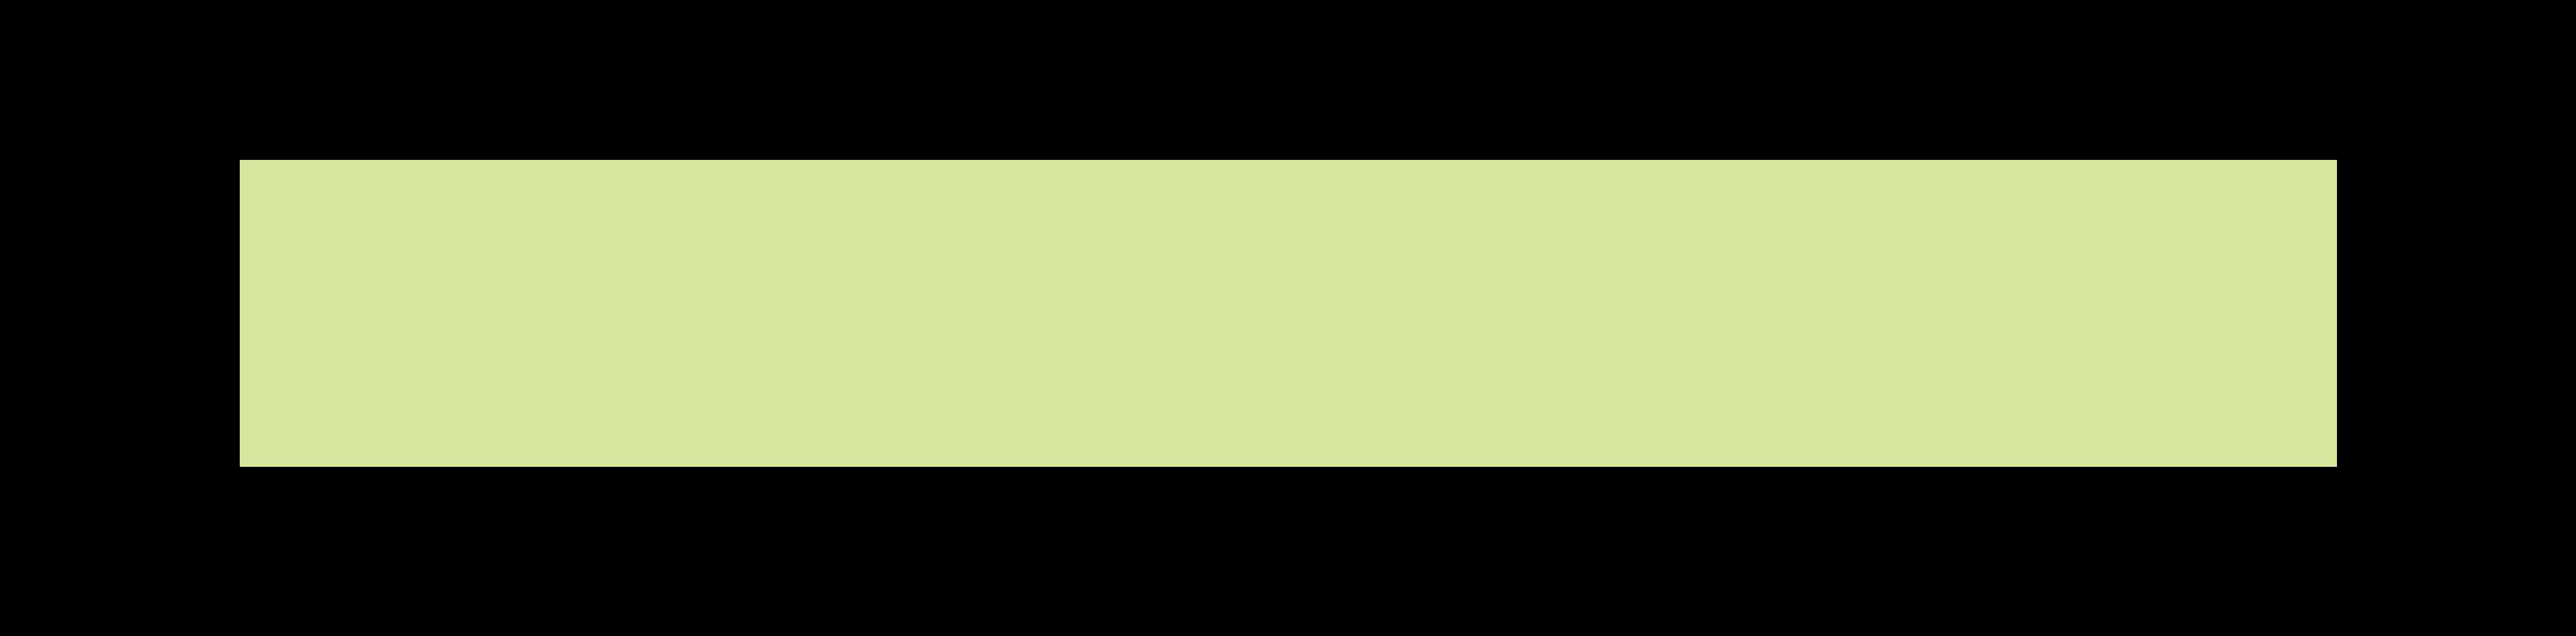 Paul Weiss Logo Keylime